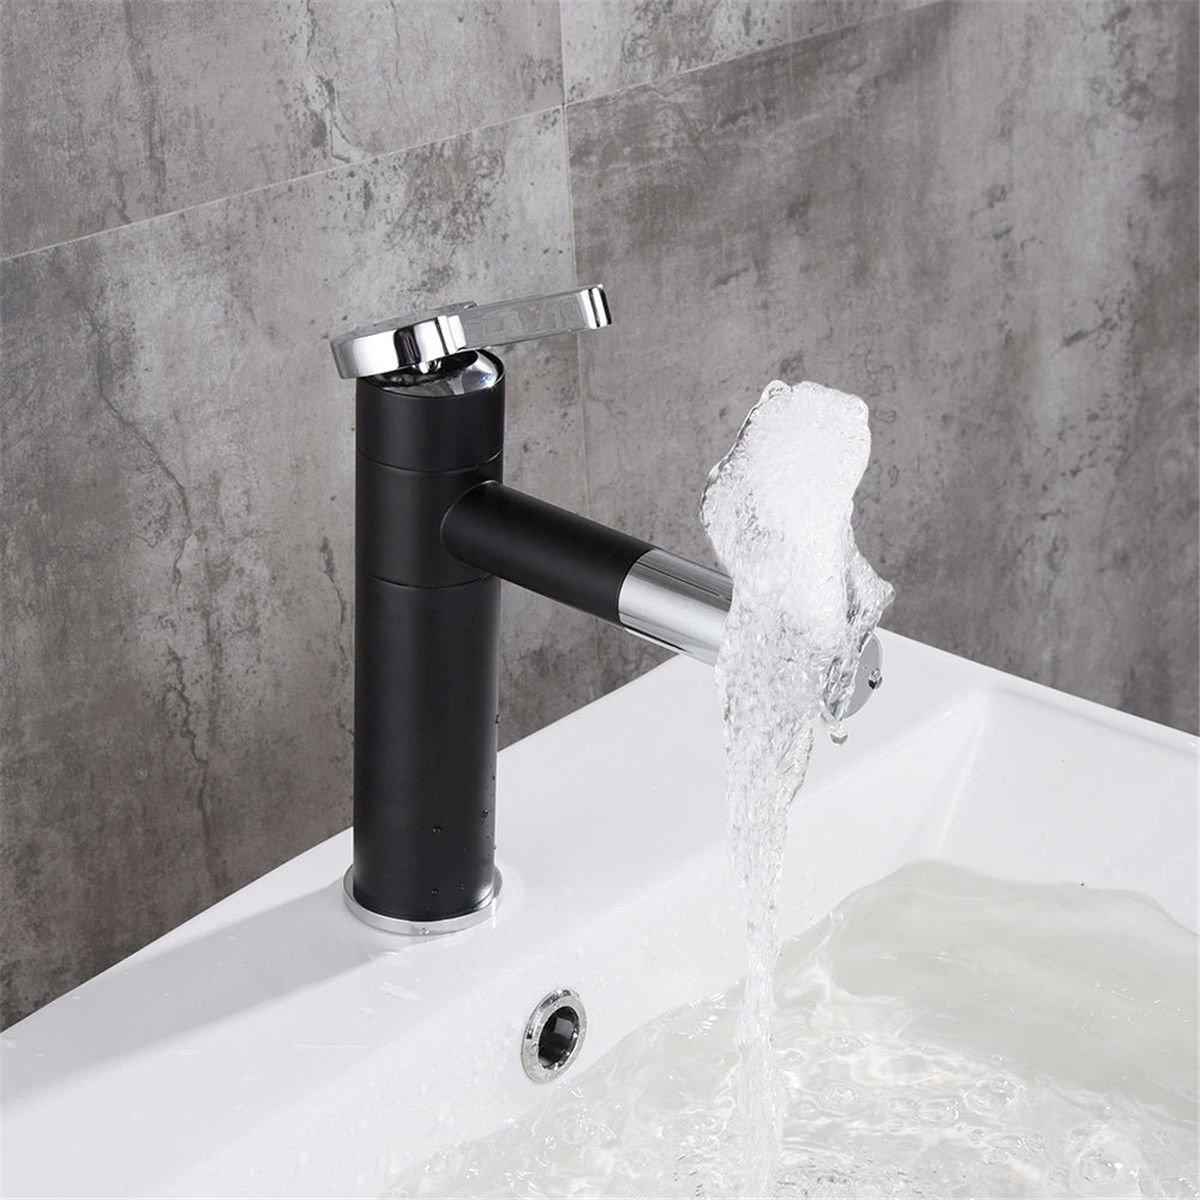 AQiMM Waschtischarmatur Wasserhahn Waschbecken Schwarz Ziehen Kaltes Wasser Maßstäblichen Messinggehäuse  Badezimmer Mischbatterie